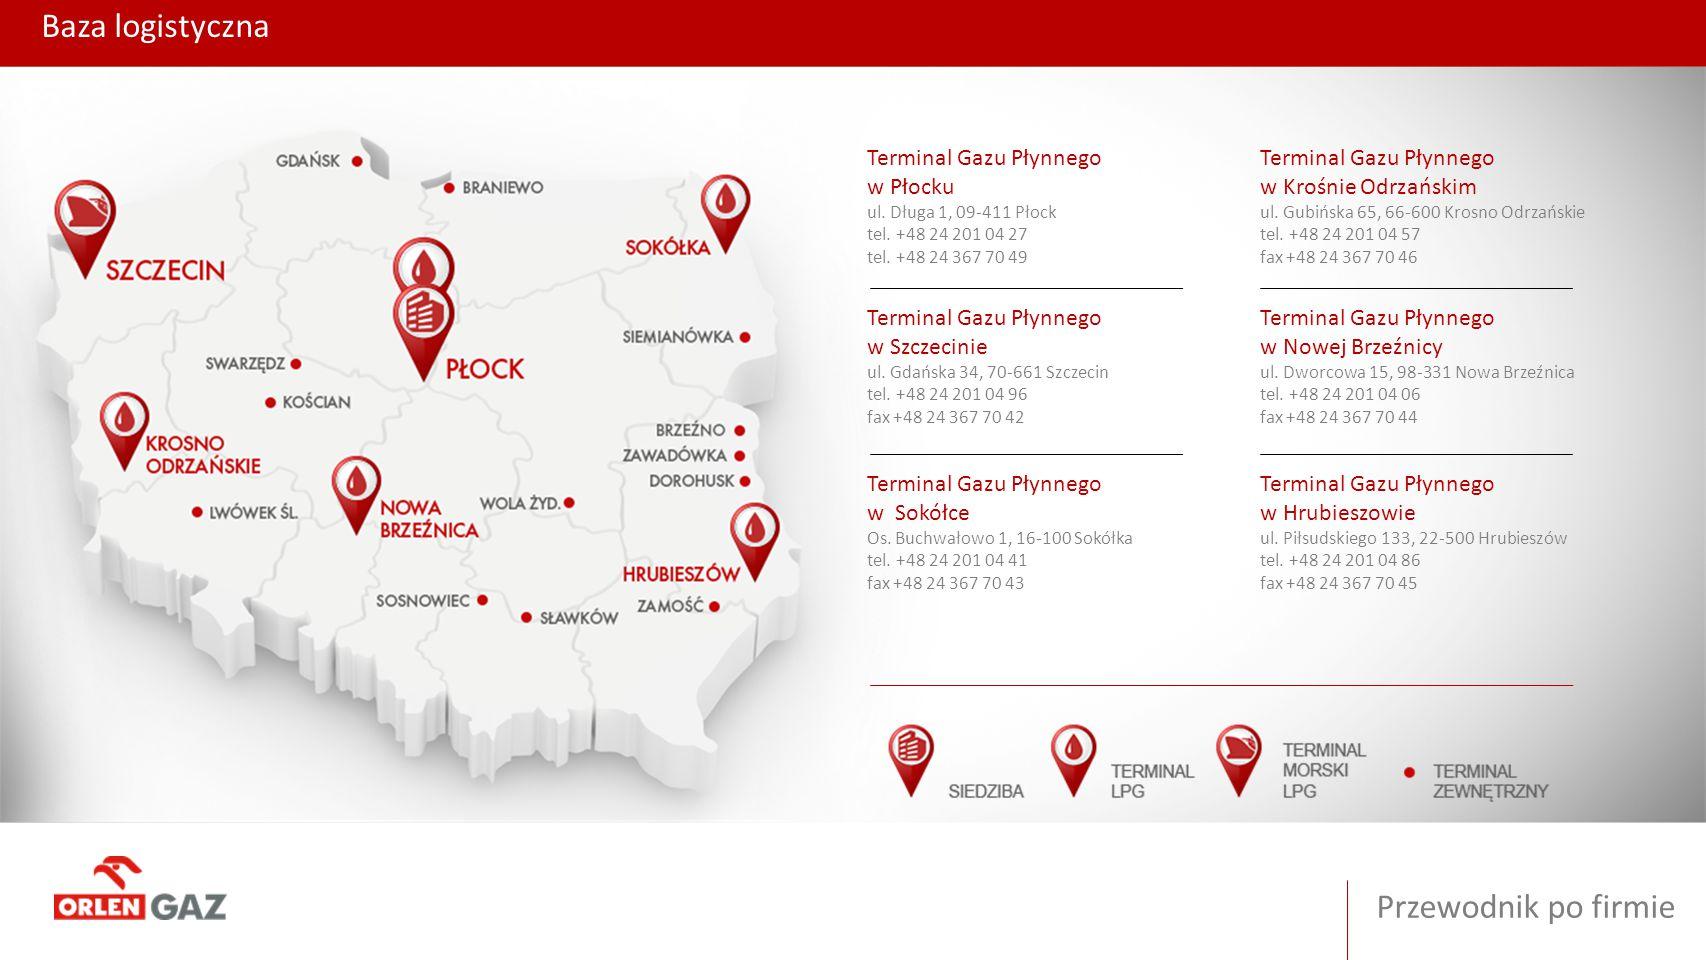 Indywidualny Opiekun w Centrum Obsługi Klienta Przewodnik po firmie MARLENA SZULECKA DOROTA BRATKOWSKA EDYTA NIEDZIELAK MAGDALENA SZCZEPAŃSKA SYLWIA JAROSZ ELŻBIETA BANASIAK 801 100 100 lub 24 365 72 72 orlengaz@orlengaz.pl